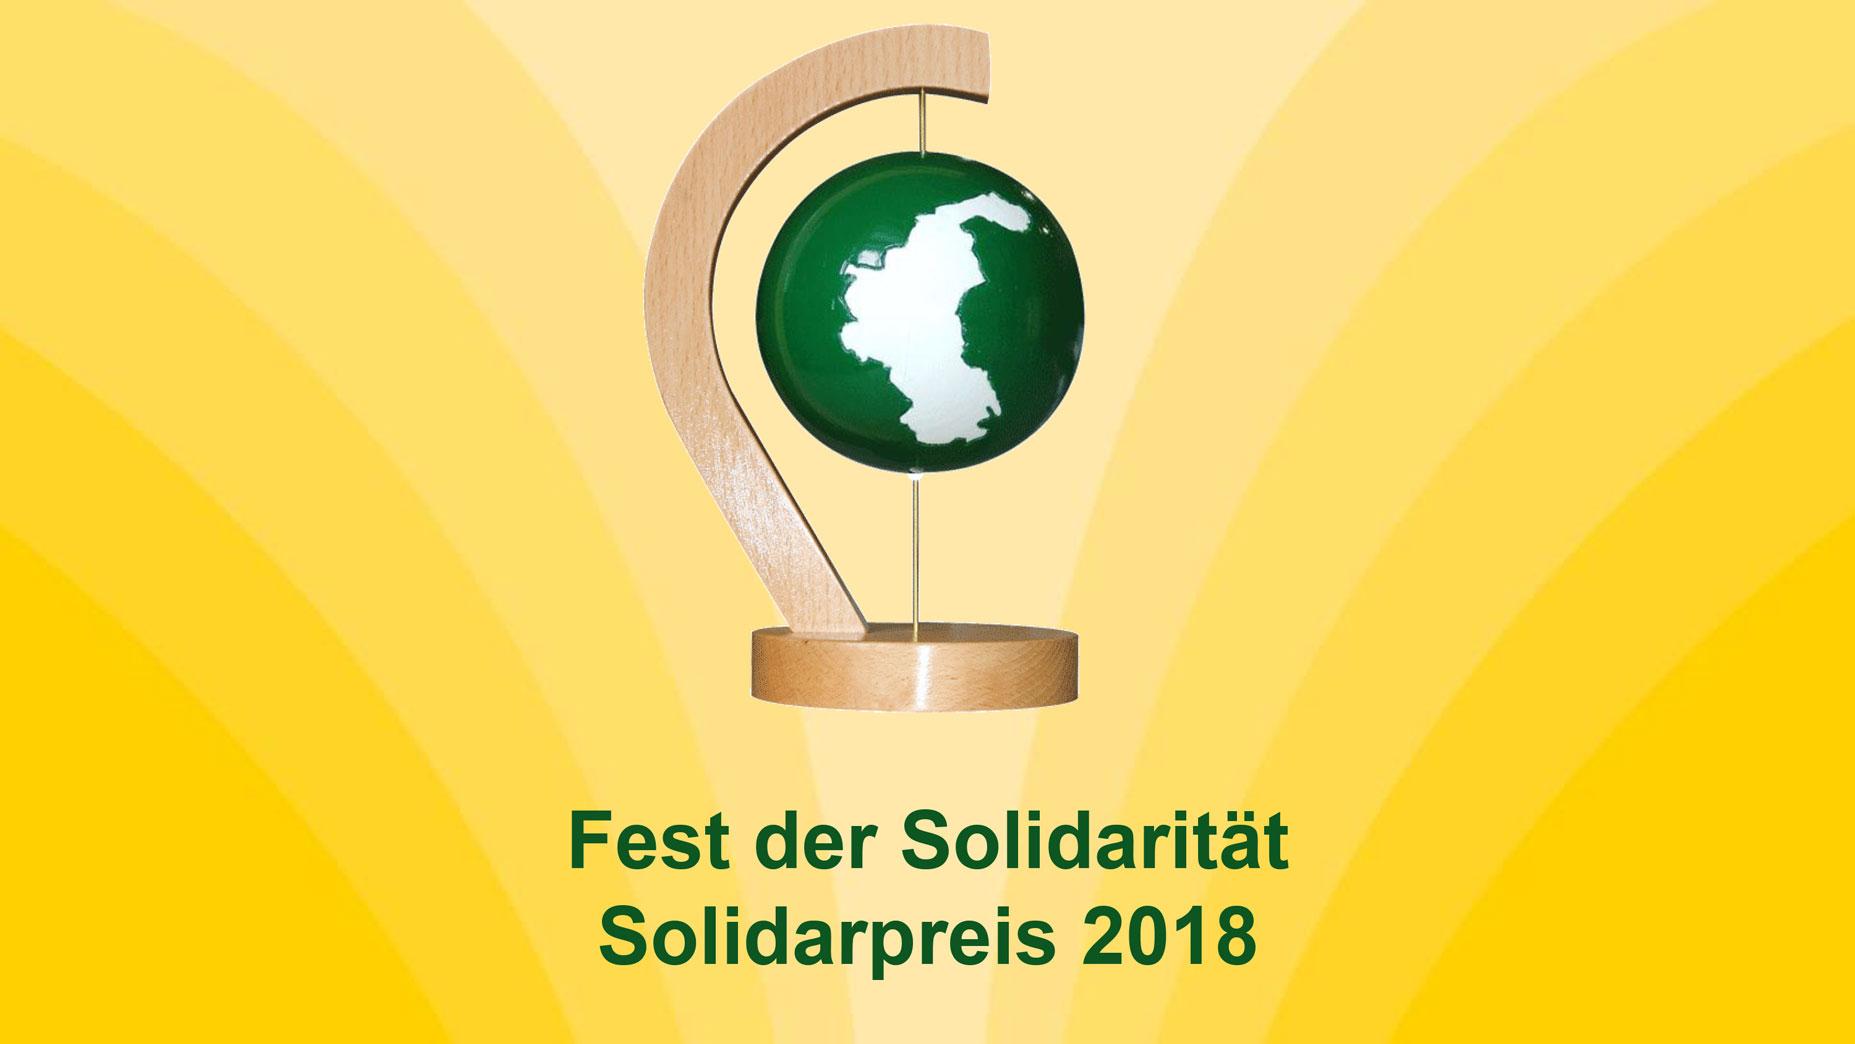 Solidarpreis_2018_16_9-1855